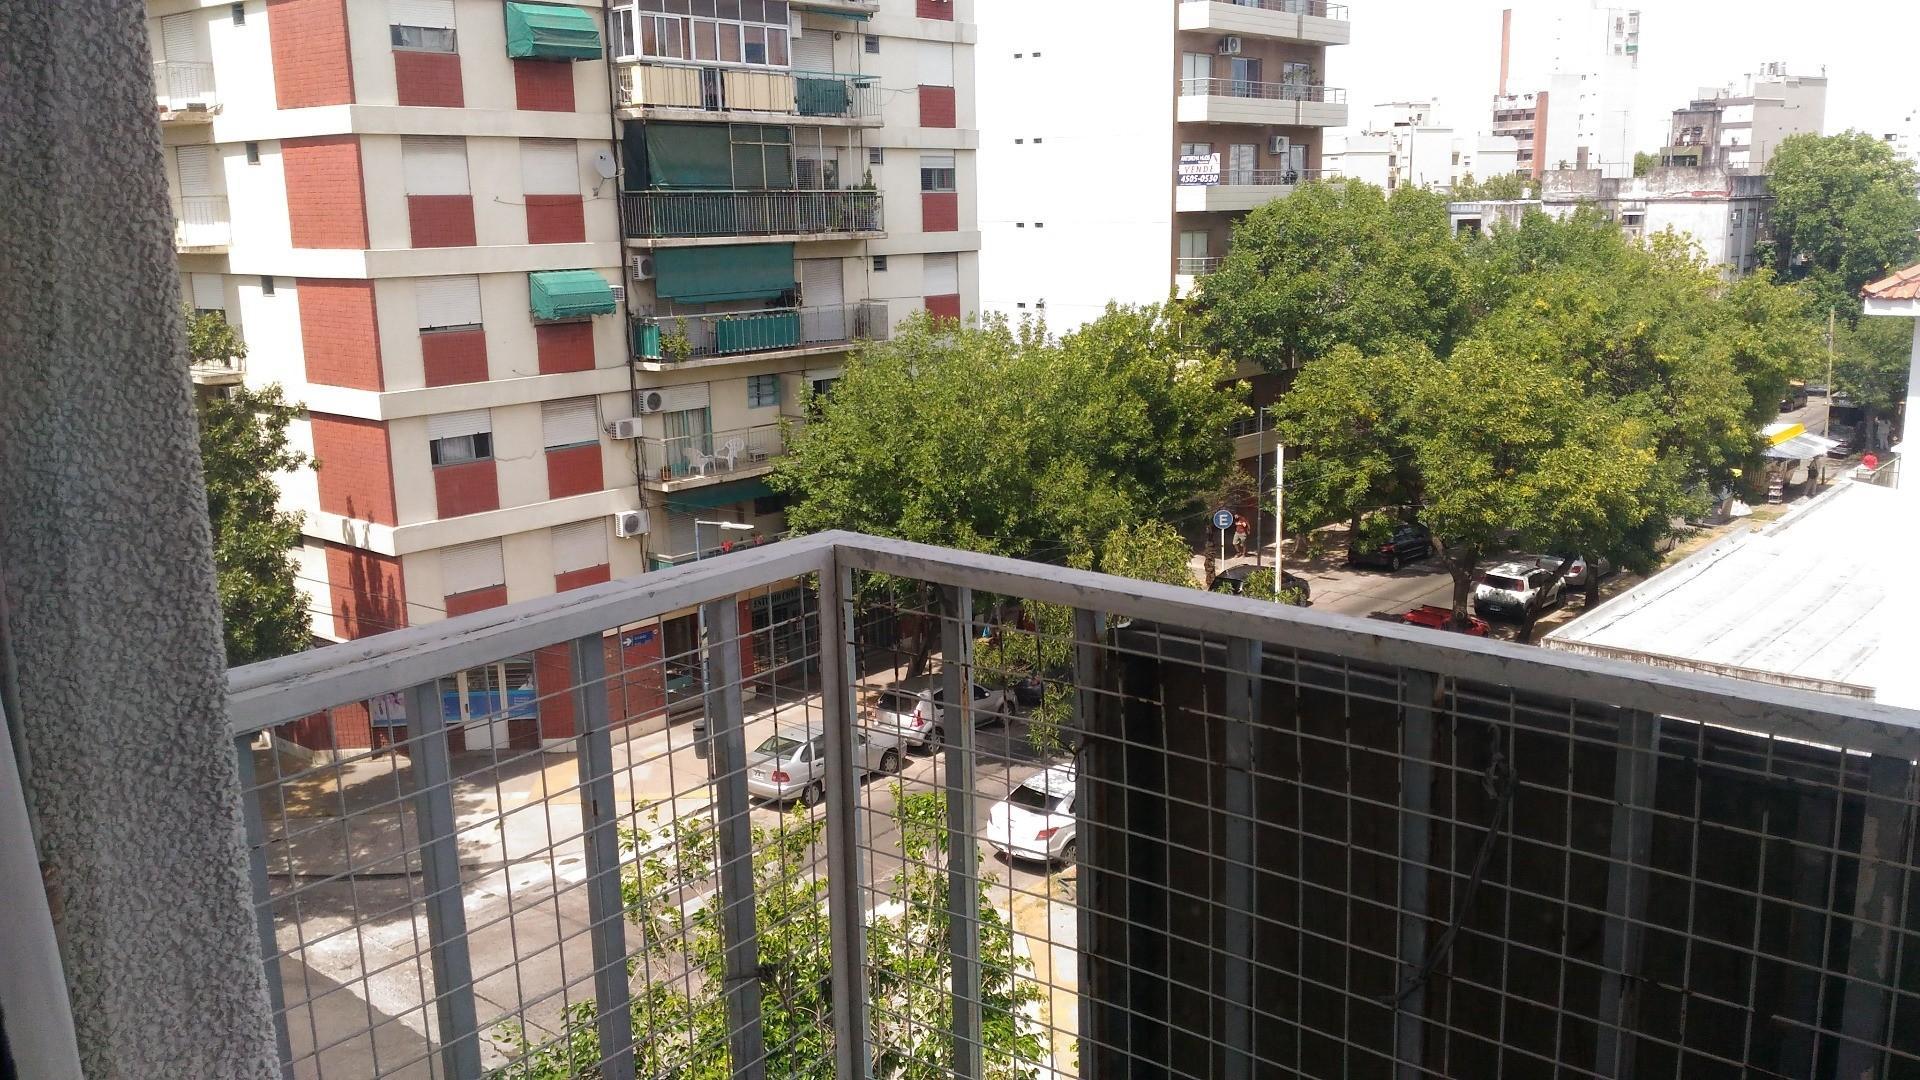 Excelente Depto. 3 ambientes al frente con balcon